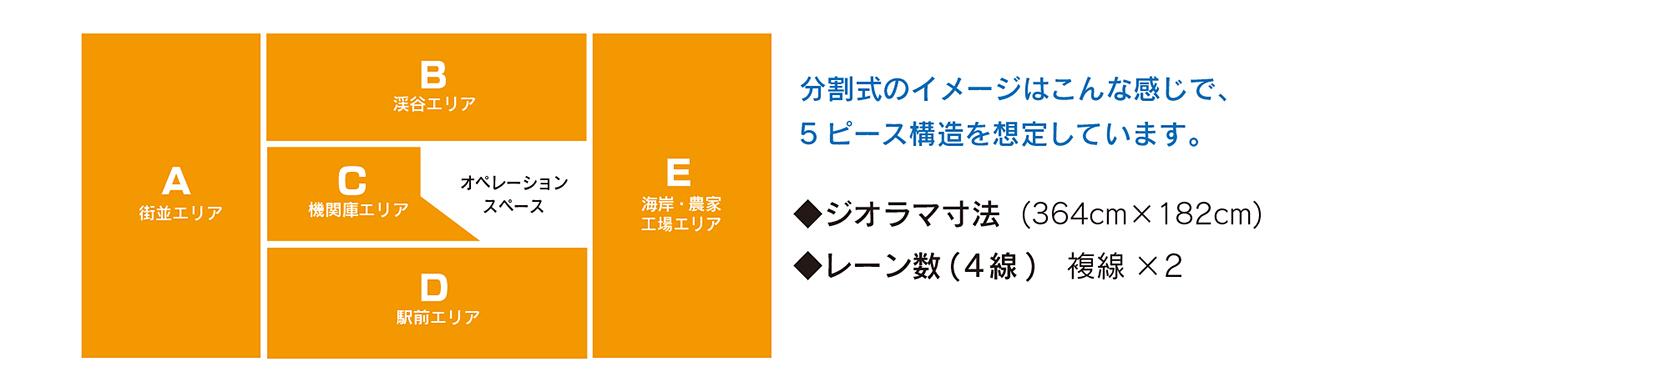 /data/project/883/挑戦する-1.jpg